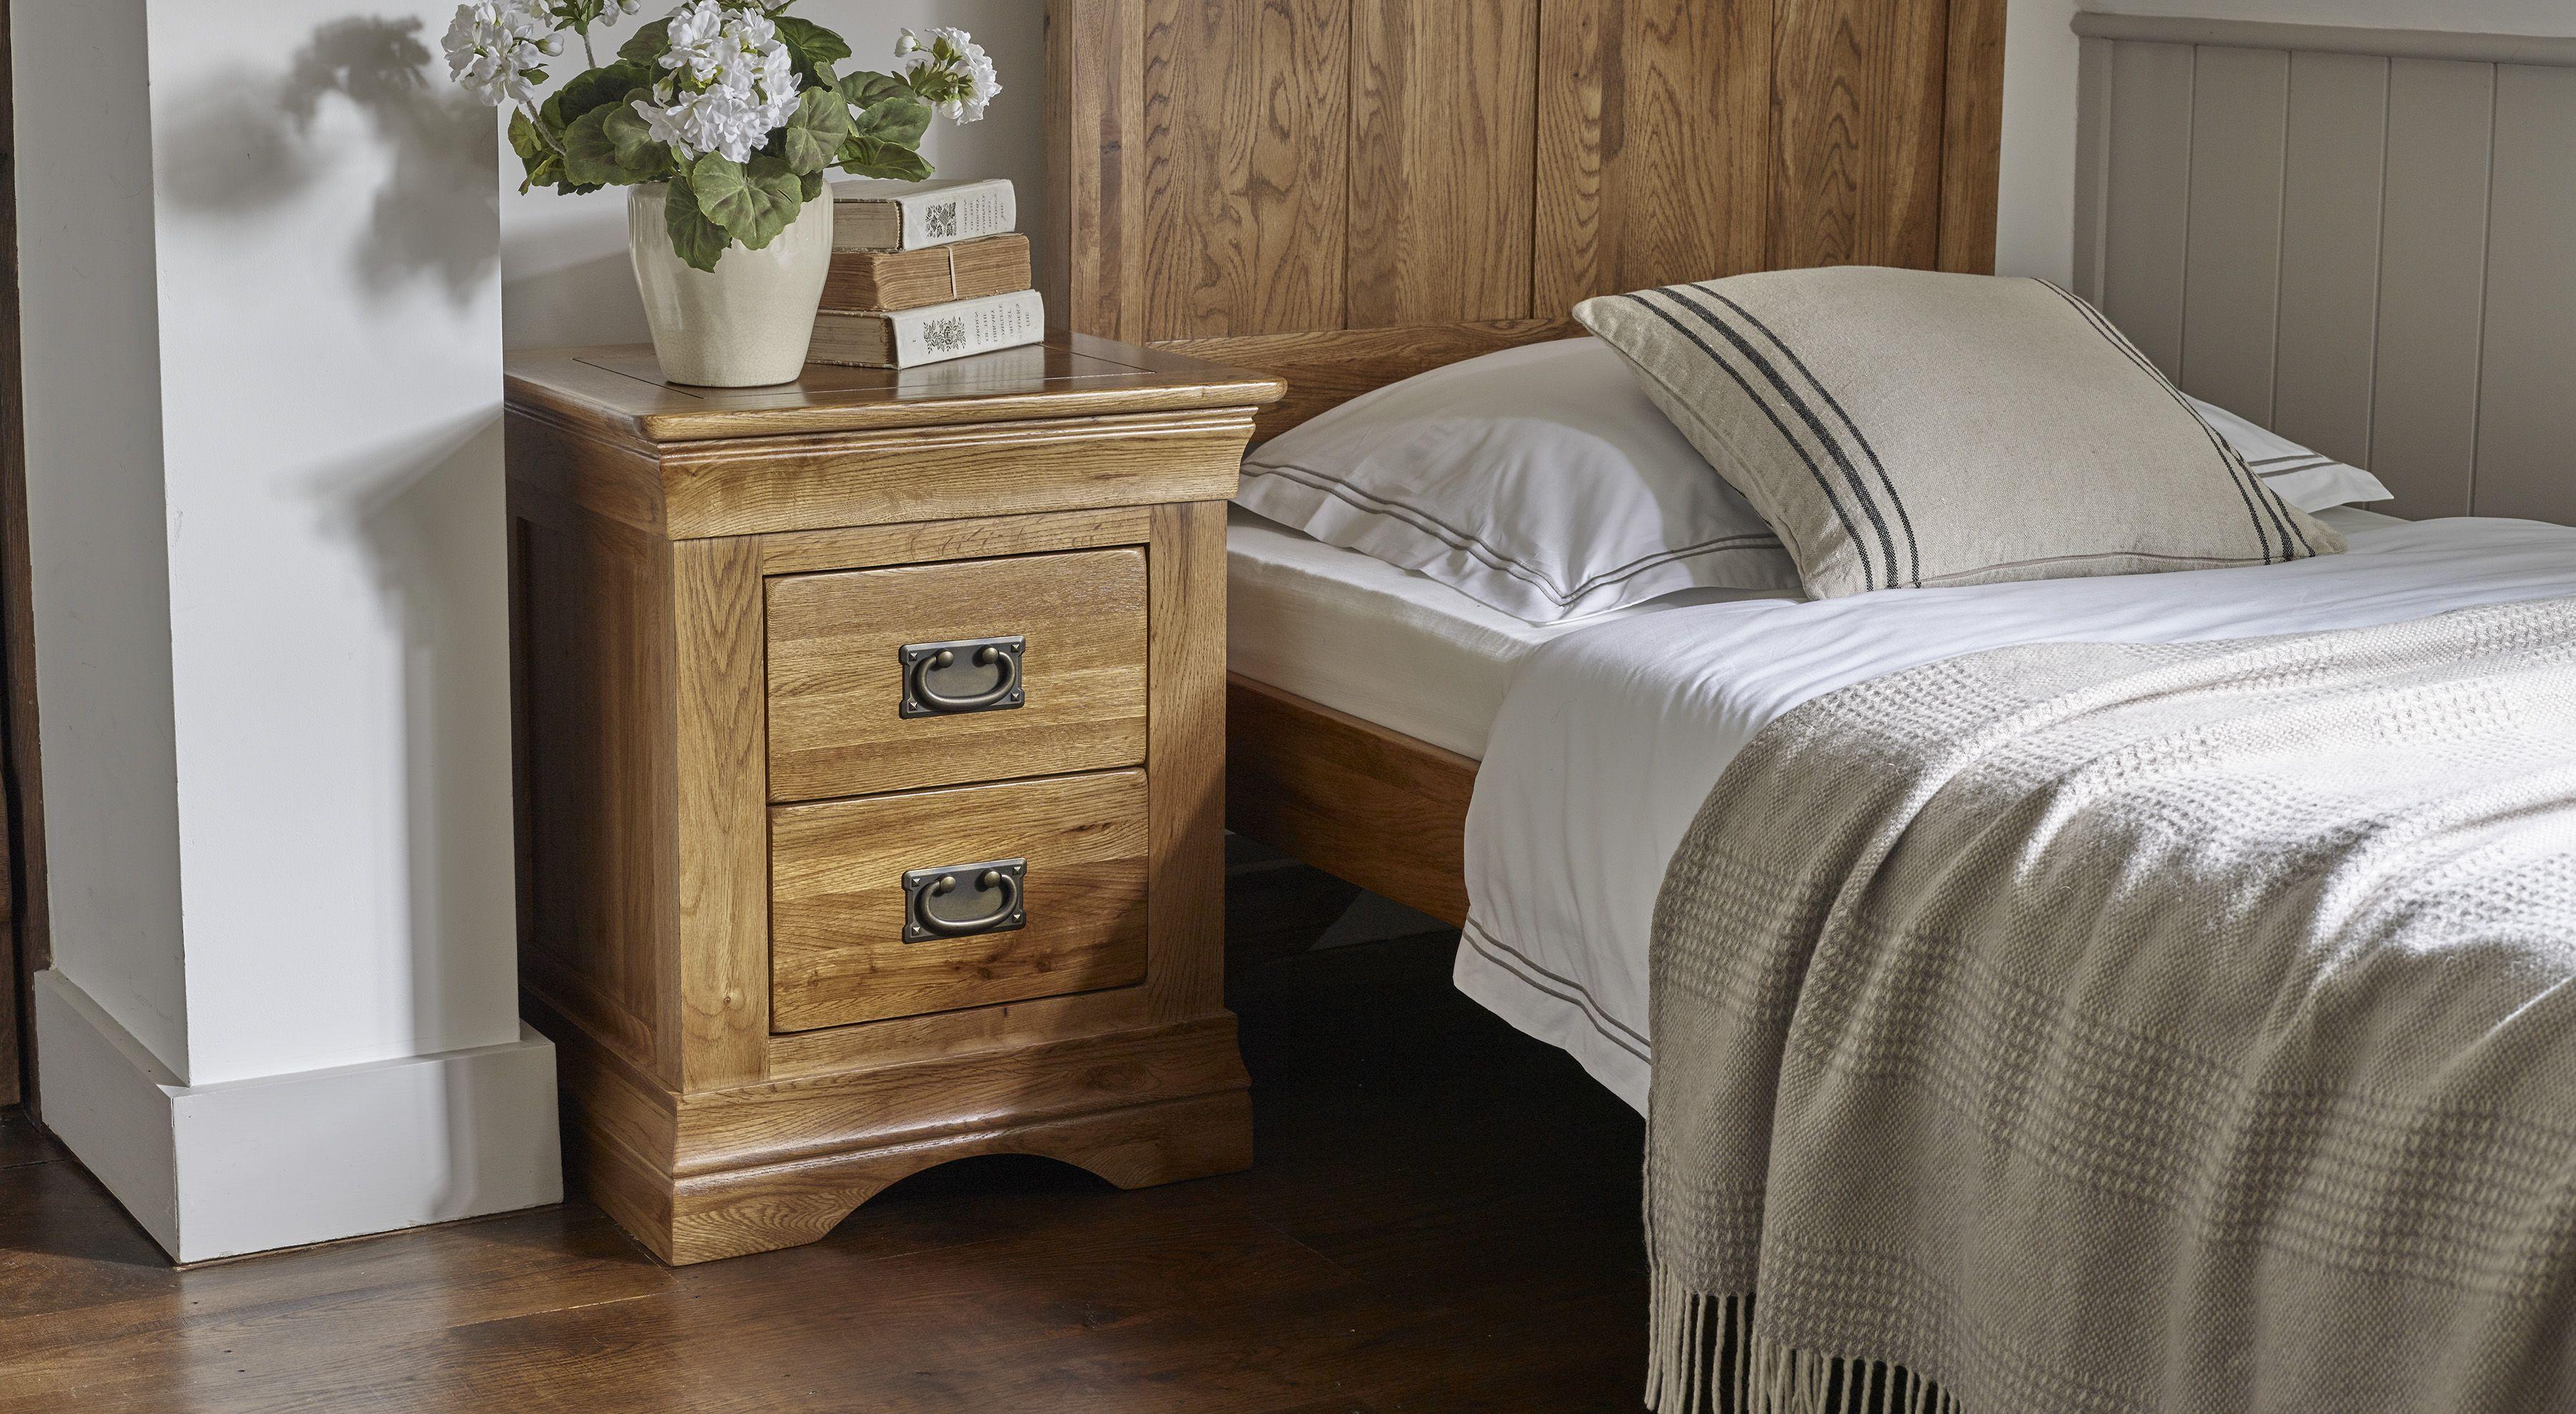 French Farmhouse Rustic Solid Oak 2 Drawer Bedside Table Oak